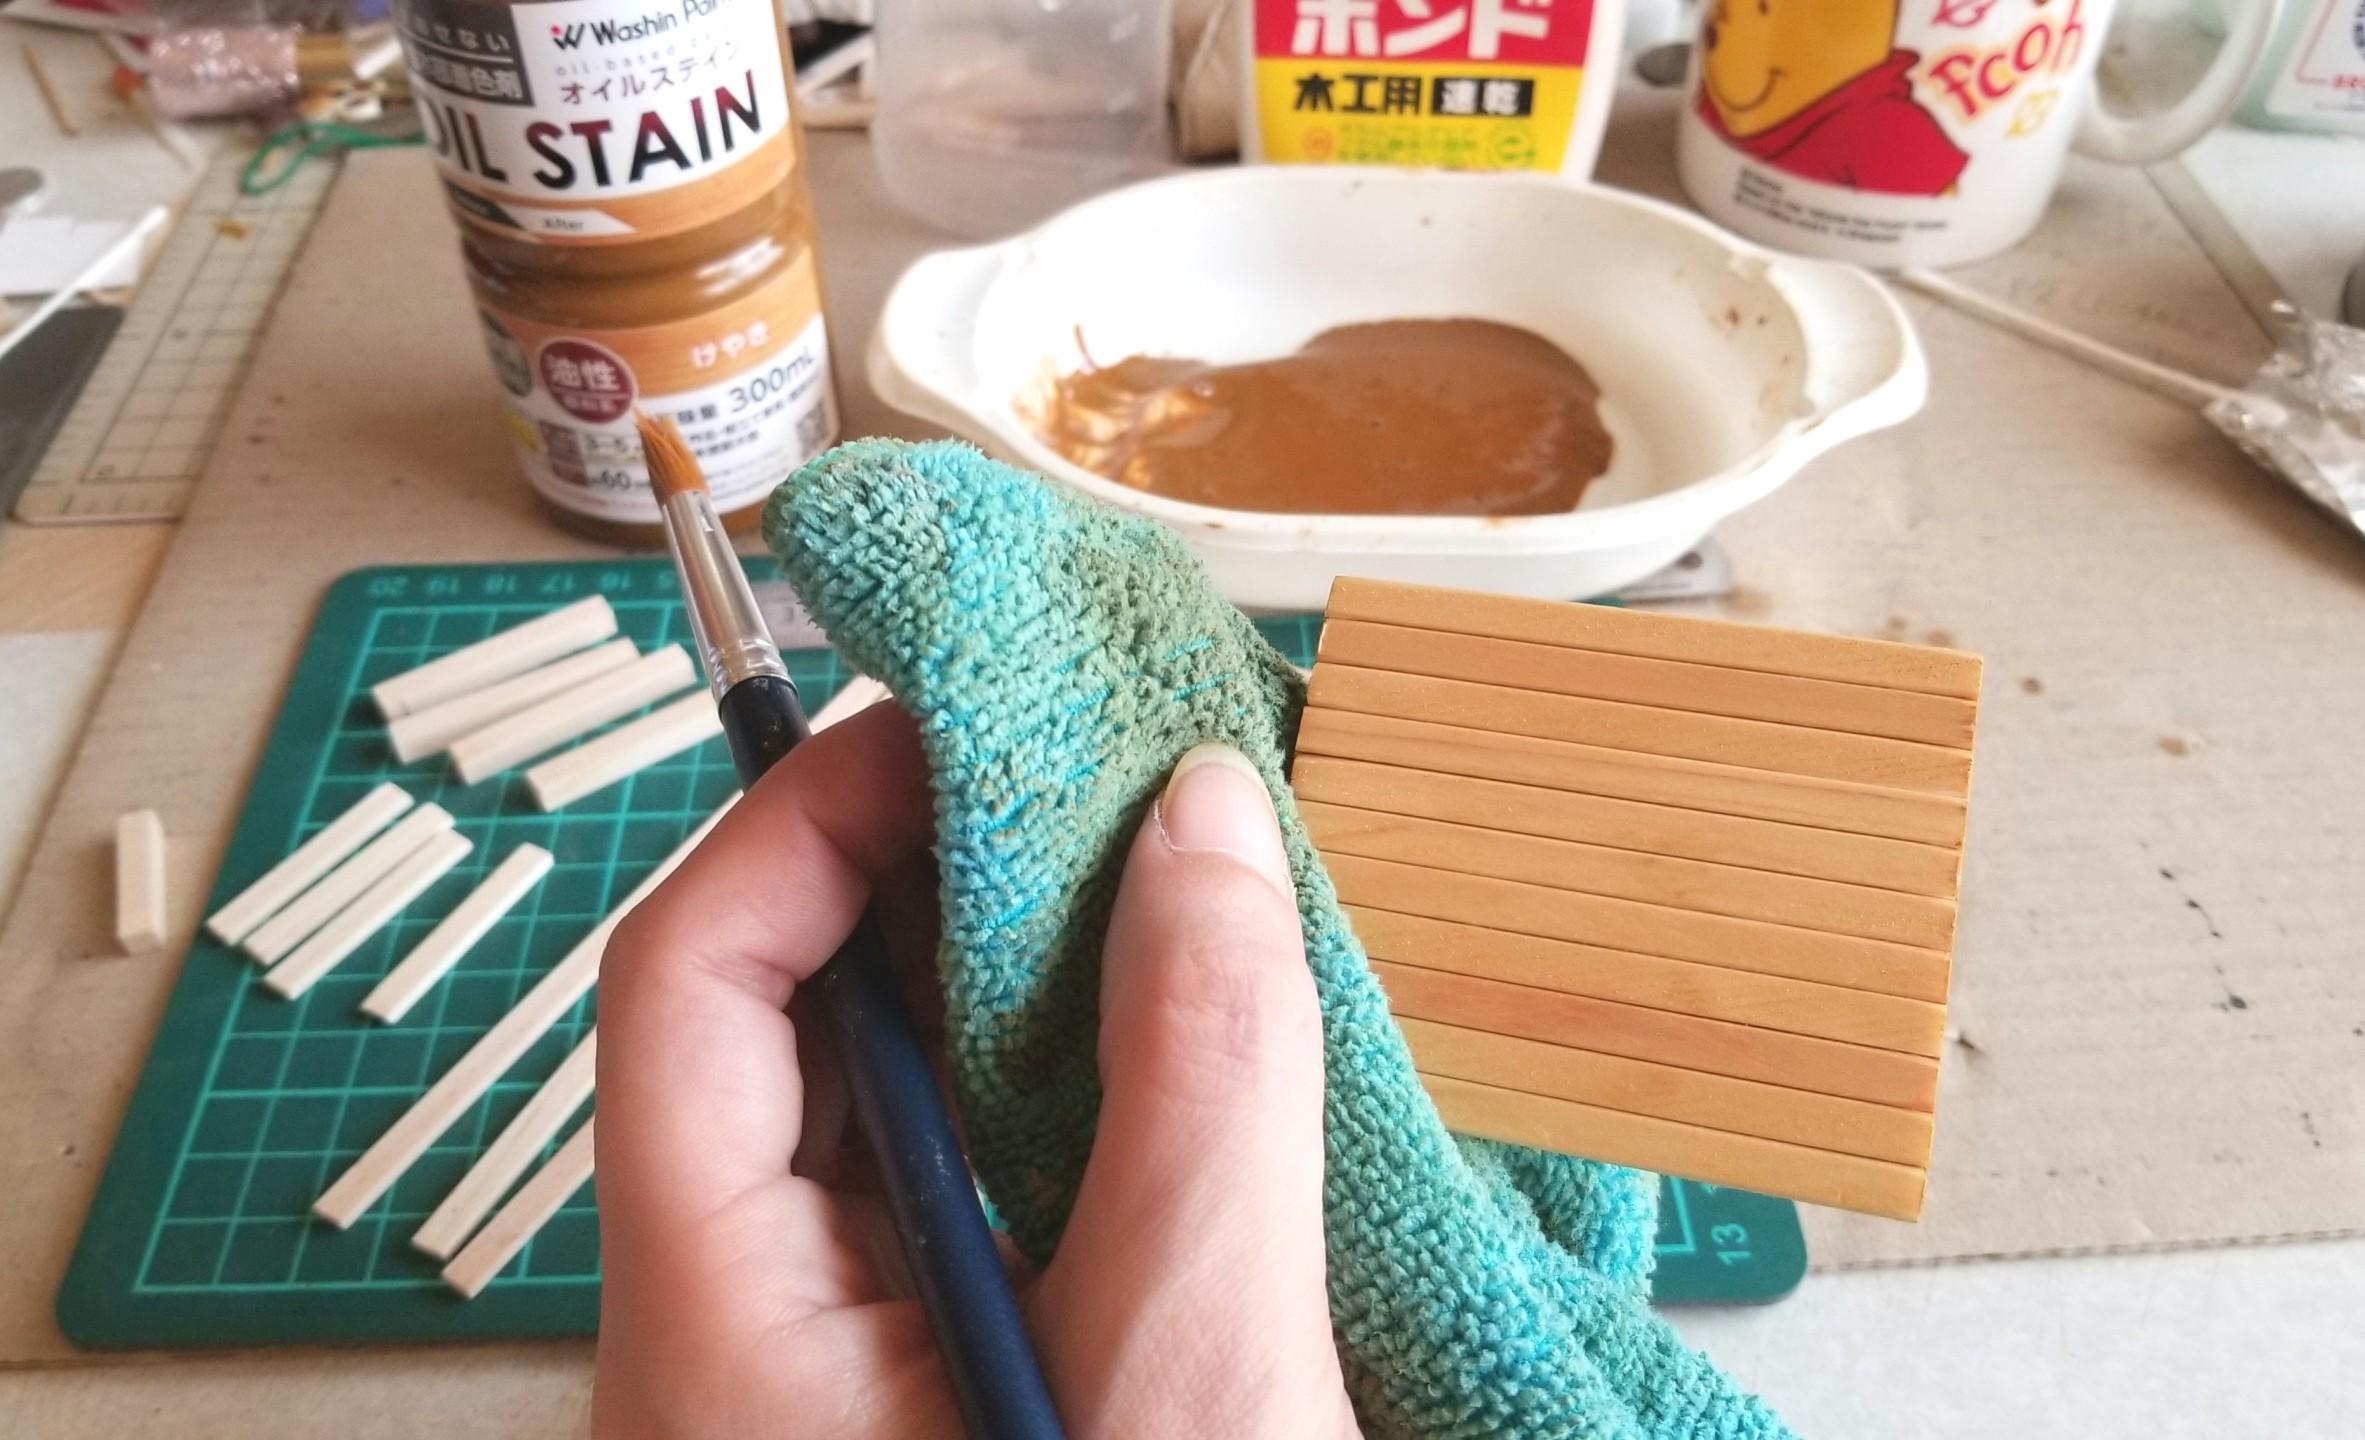 ミニチュアフード,長椅子,テーブル,和菓子屋,作り方,オイルステイン